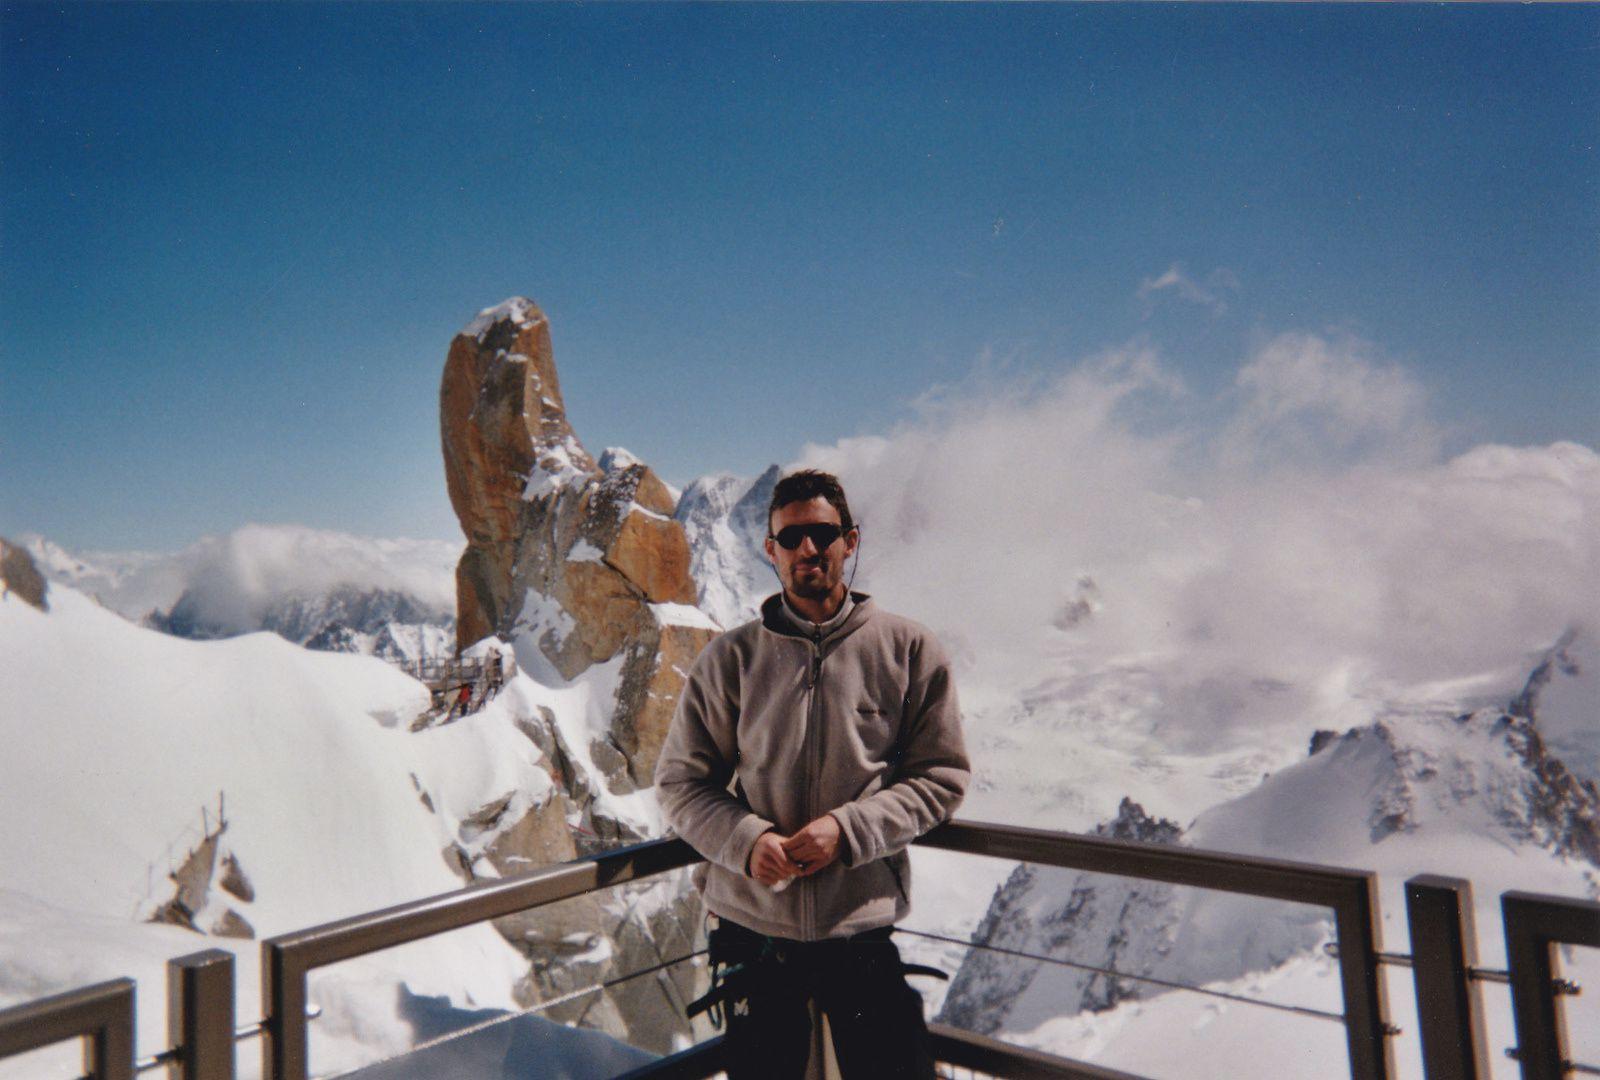 Aiguille du Midi: Arête des Cosmiques